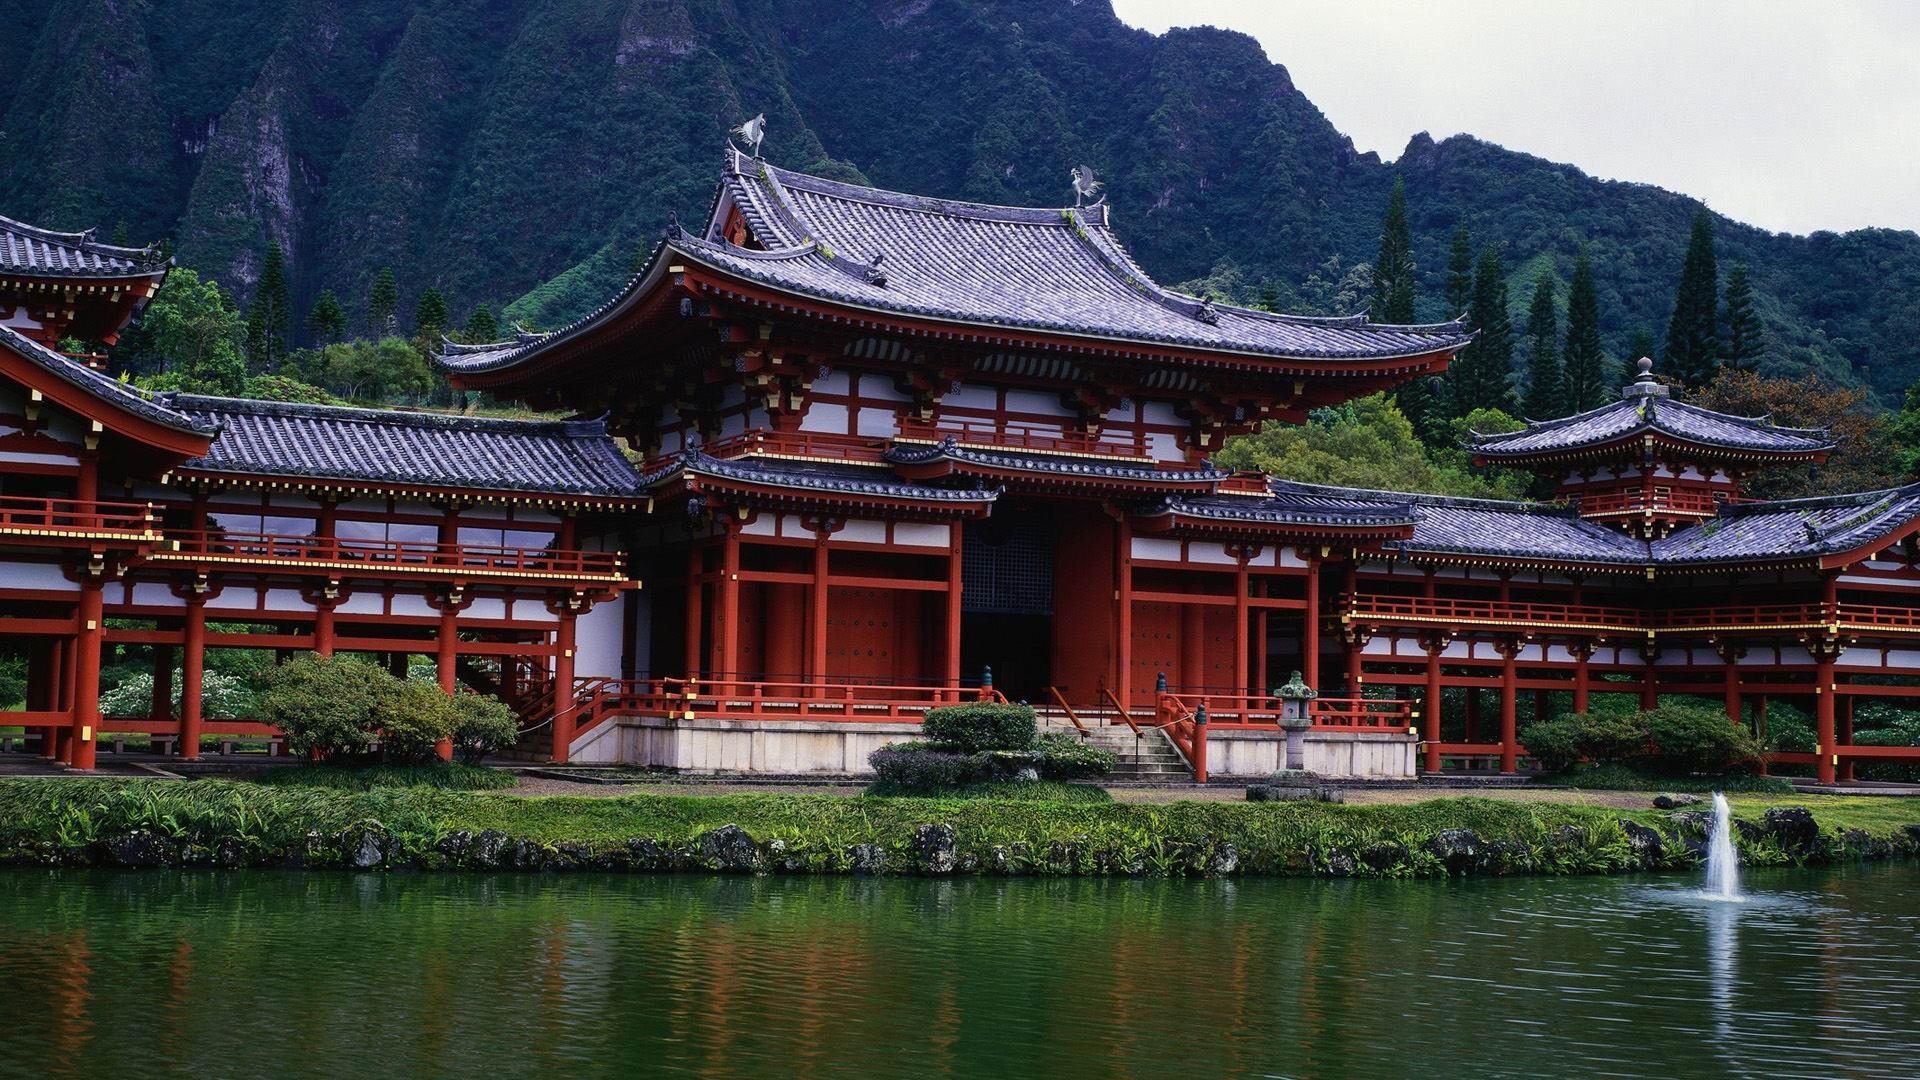 temple japan landscape wallpaper - photo #1